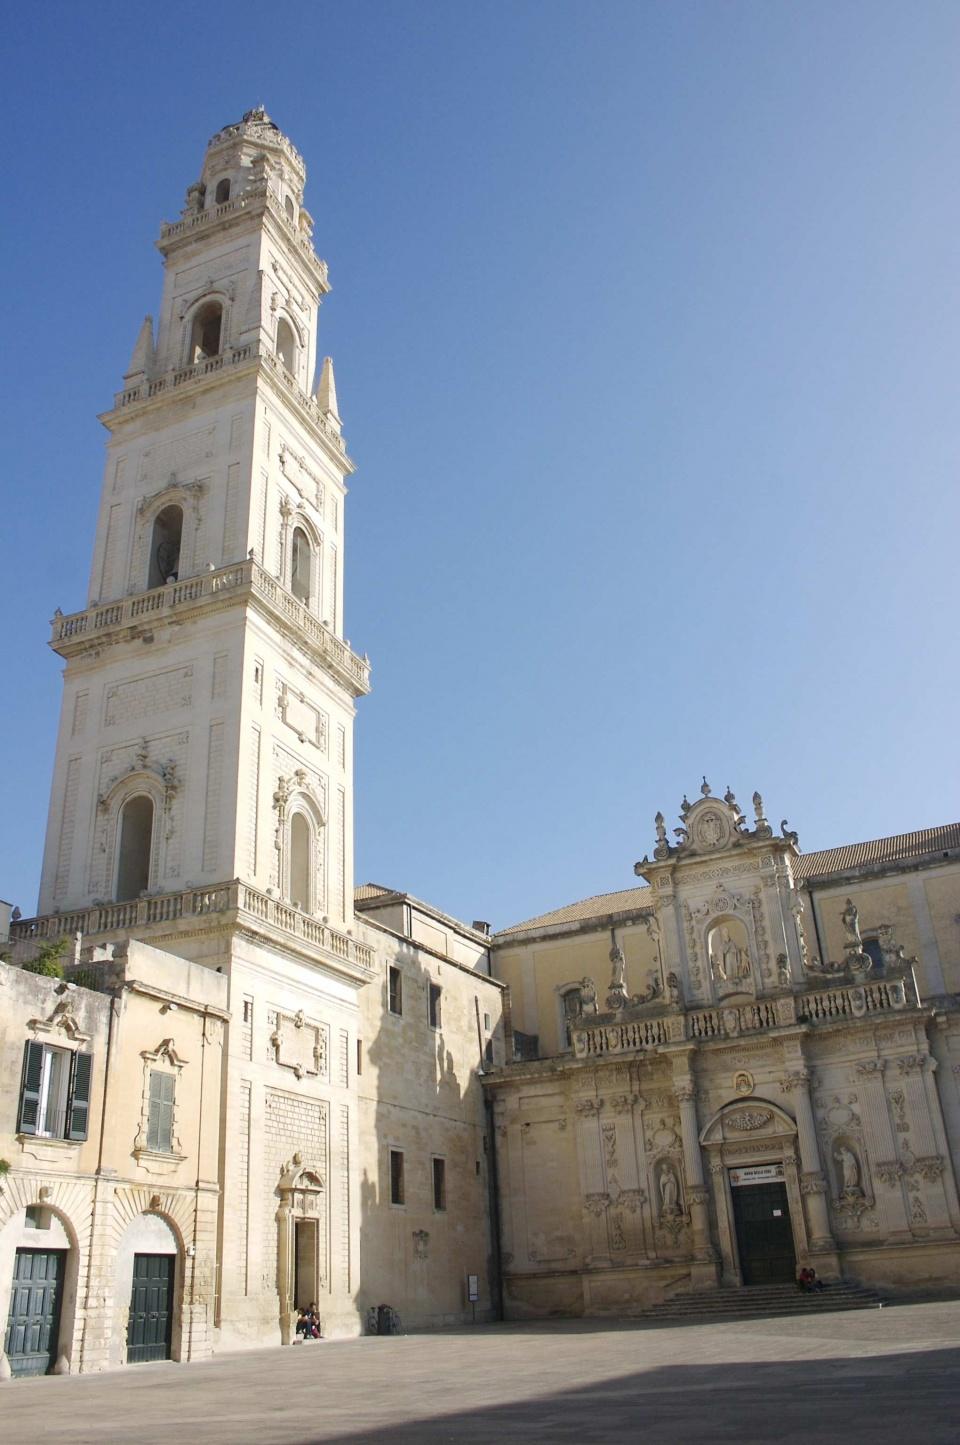 Jumpytravel - Lecce Servizio di guida turistica per Lecce ...